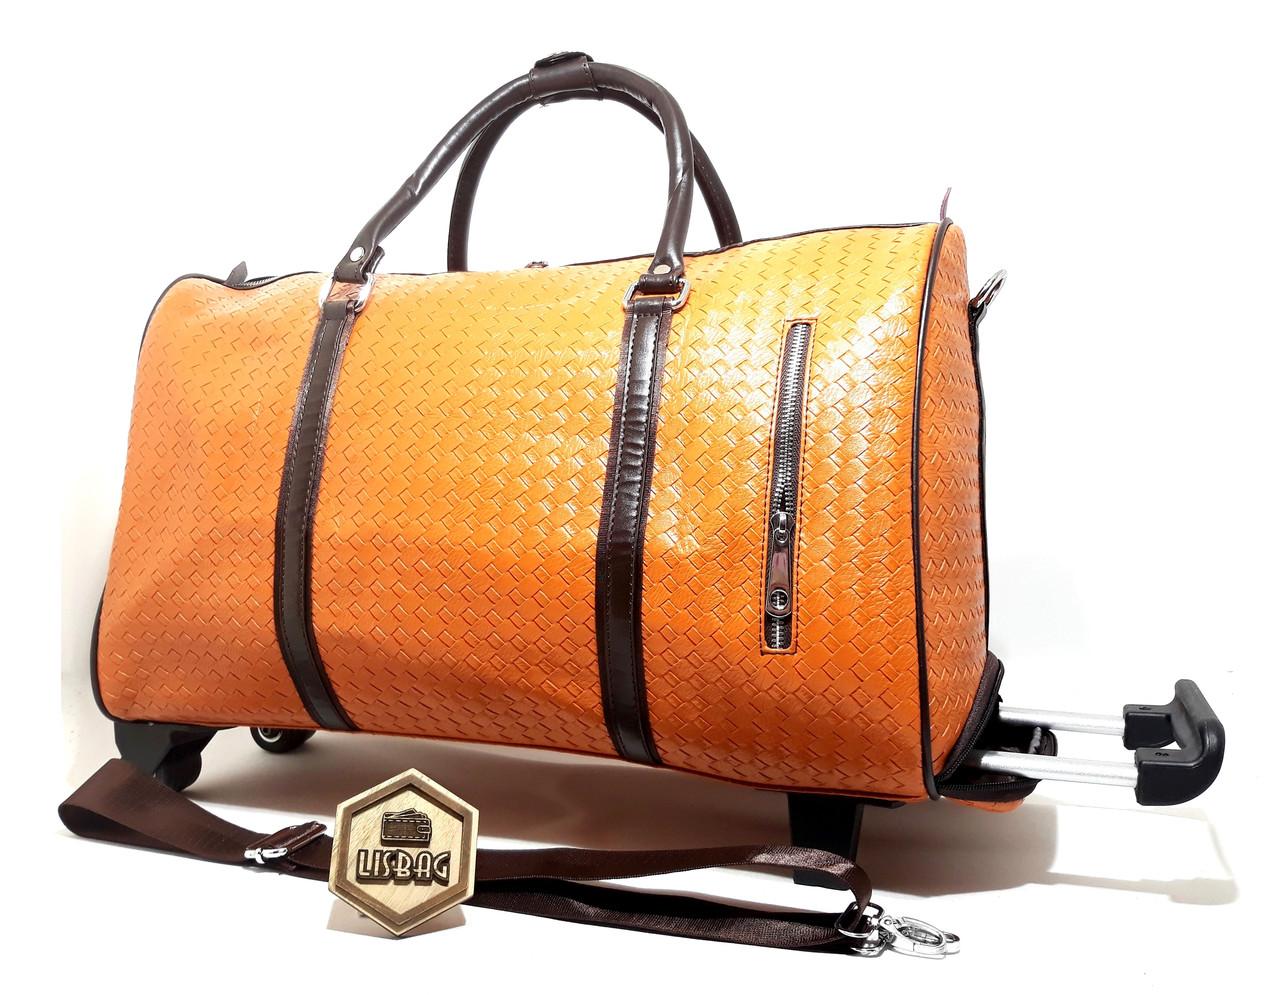 Сумка на колесах женская Оранжевая (50 20 34) чемодан дорожная сумка на  резиновых колесах + ремень 8264aa72346